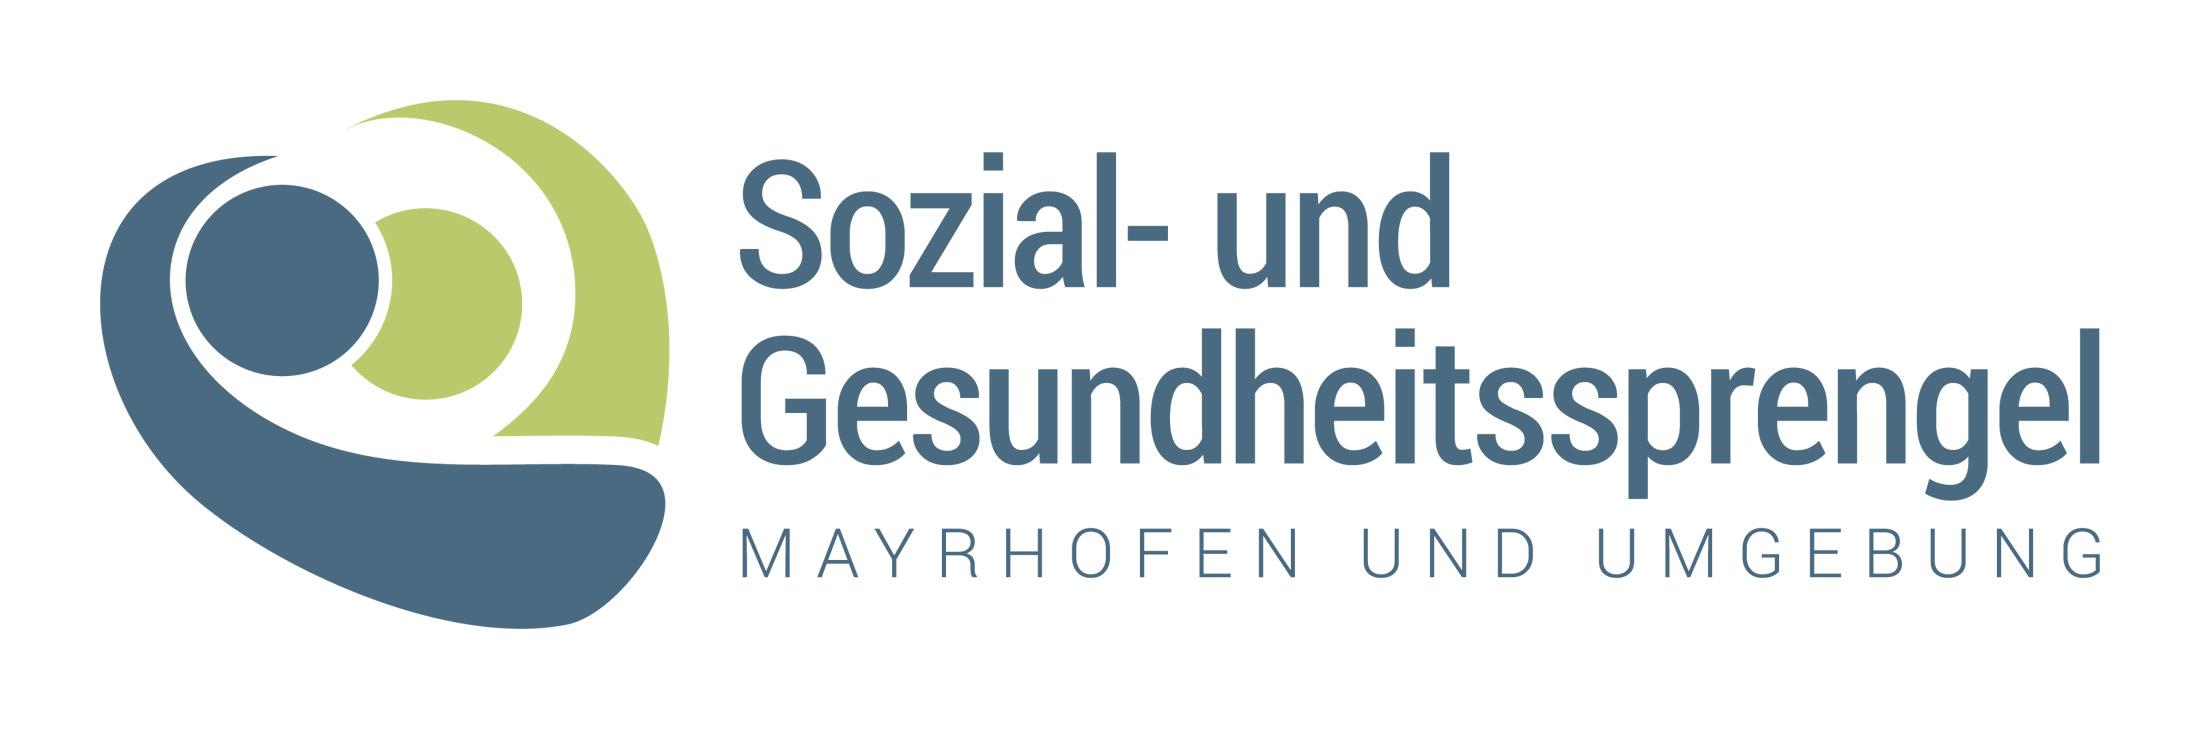 Sterbefall - Sozial- und Gesundheitssprengel Mayrhofen und Umgebung